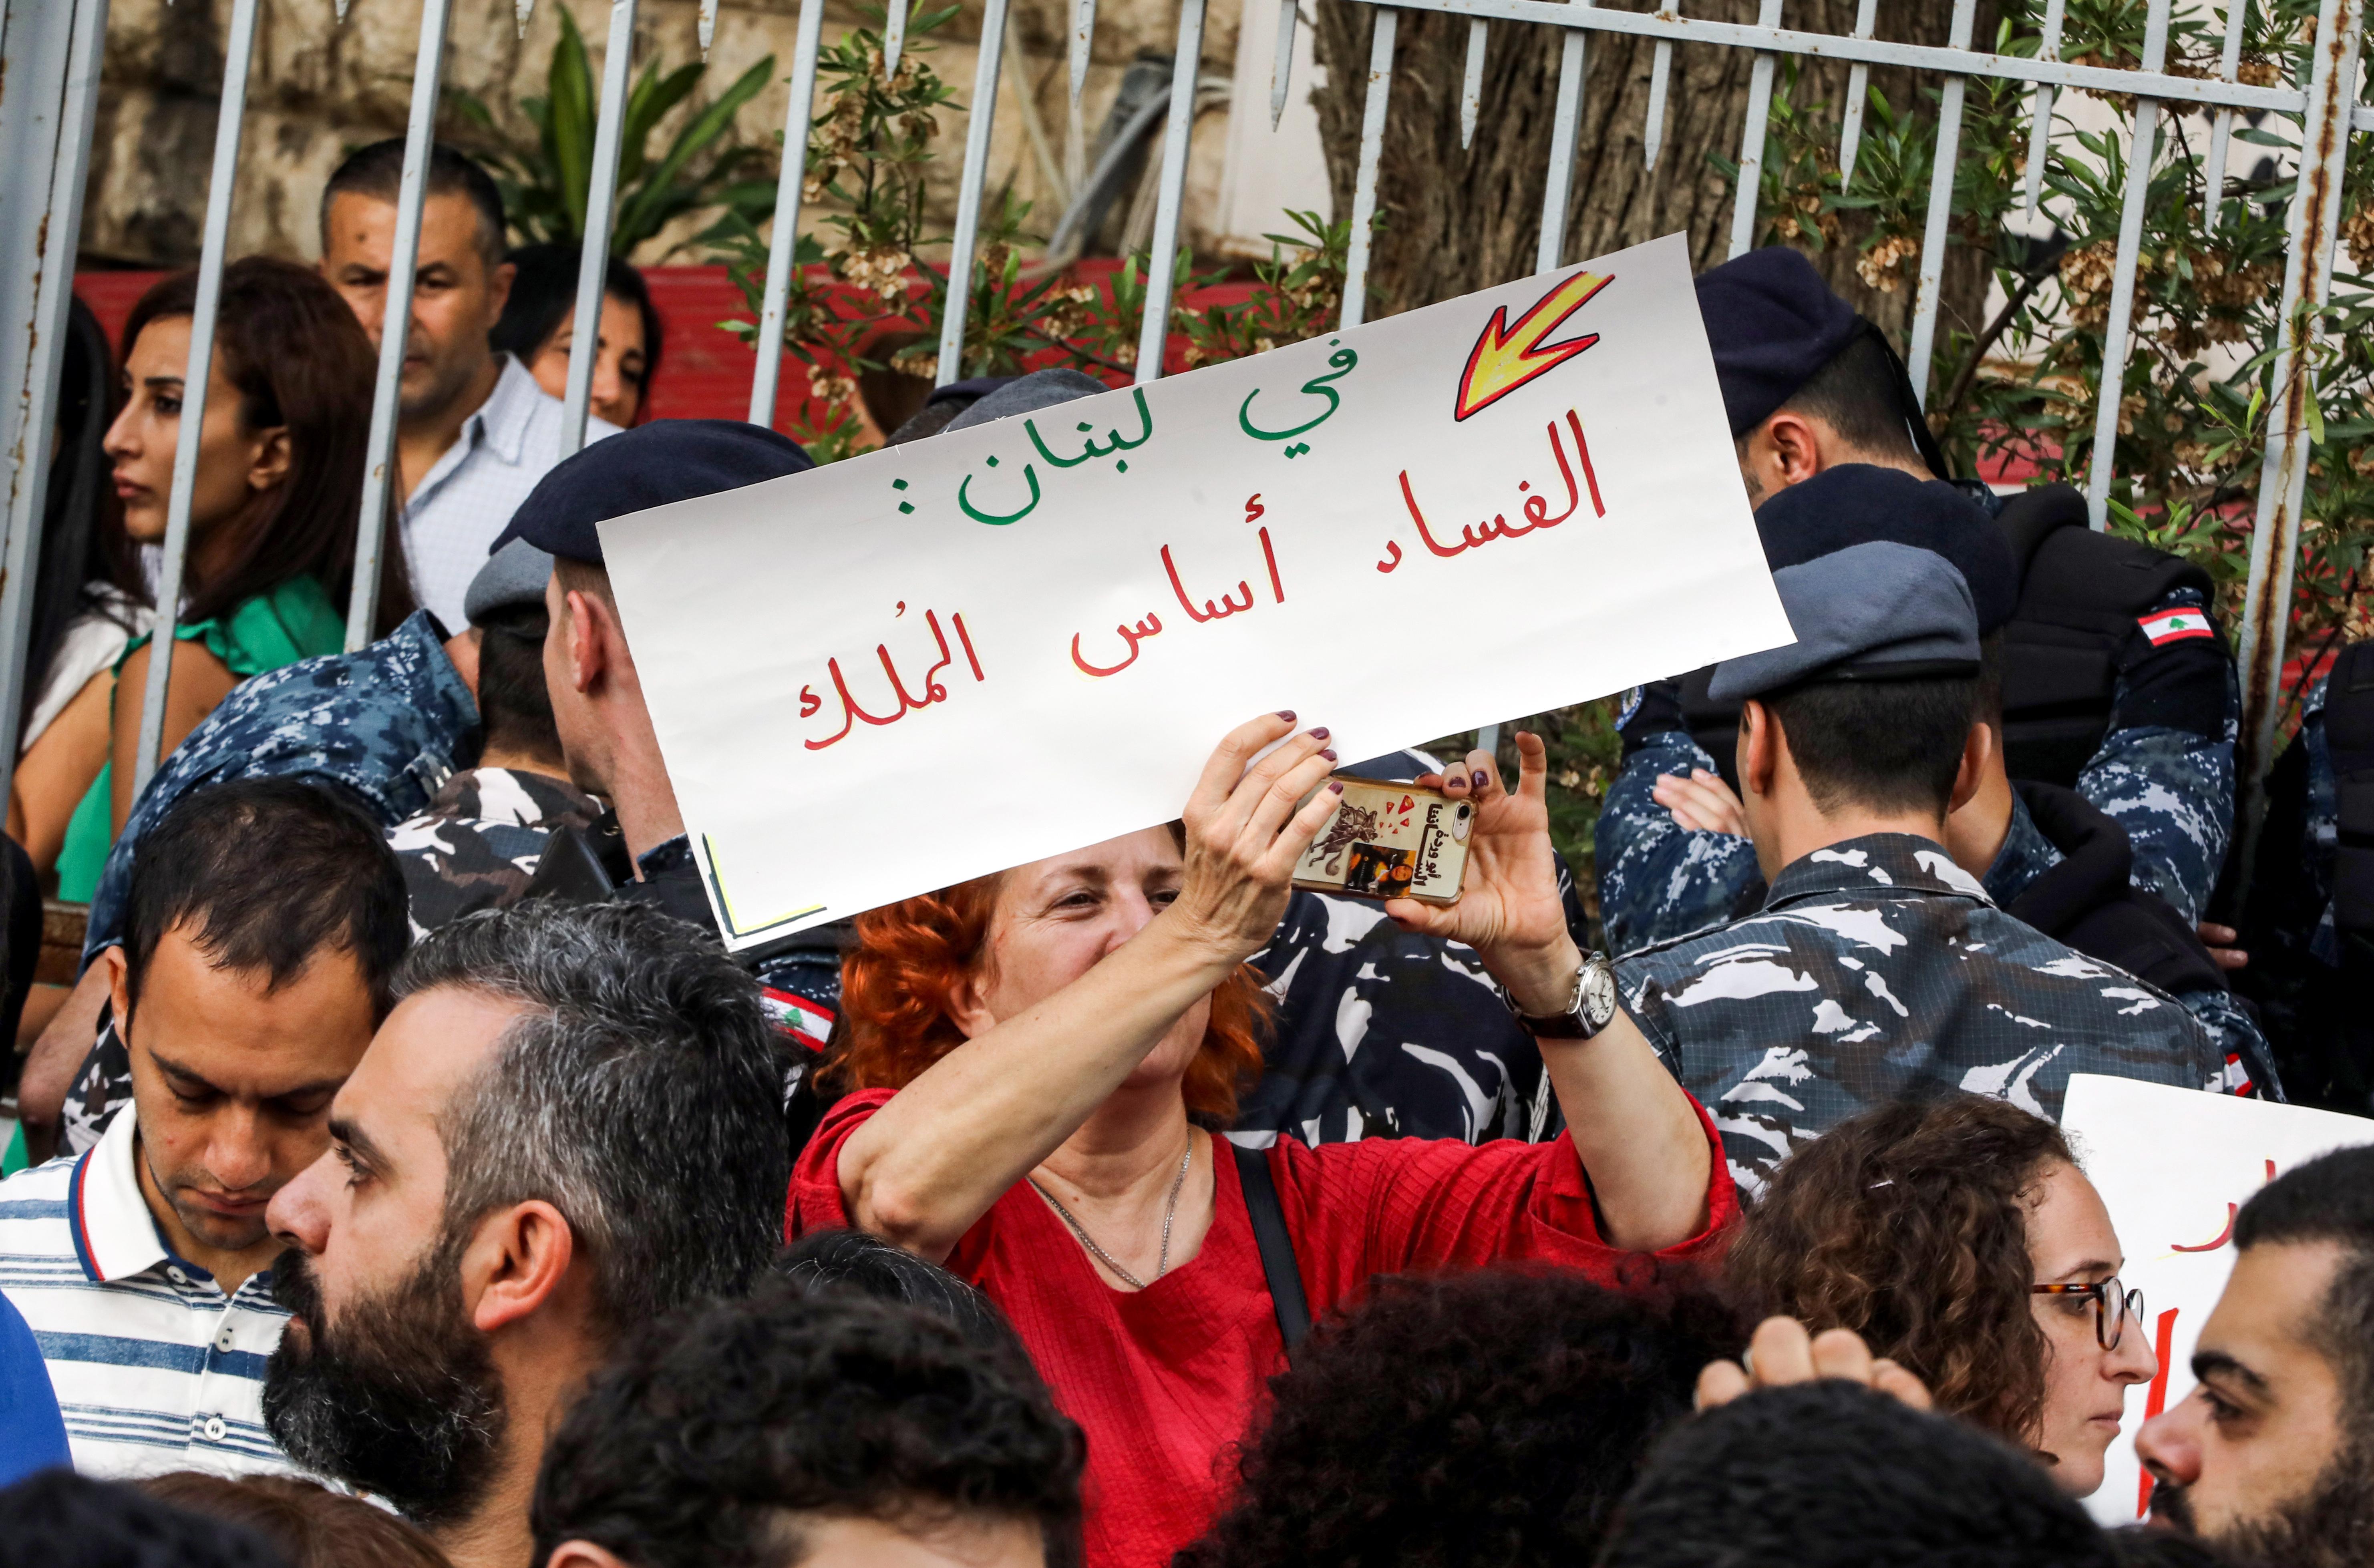 مظاهرة أمام قصر العدل في بيروت في 6 نوفمبر 2019